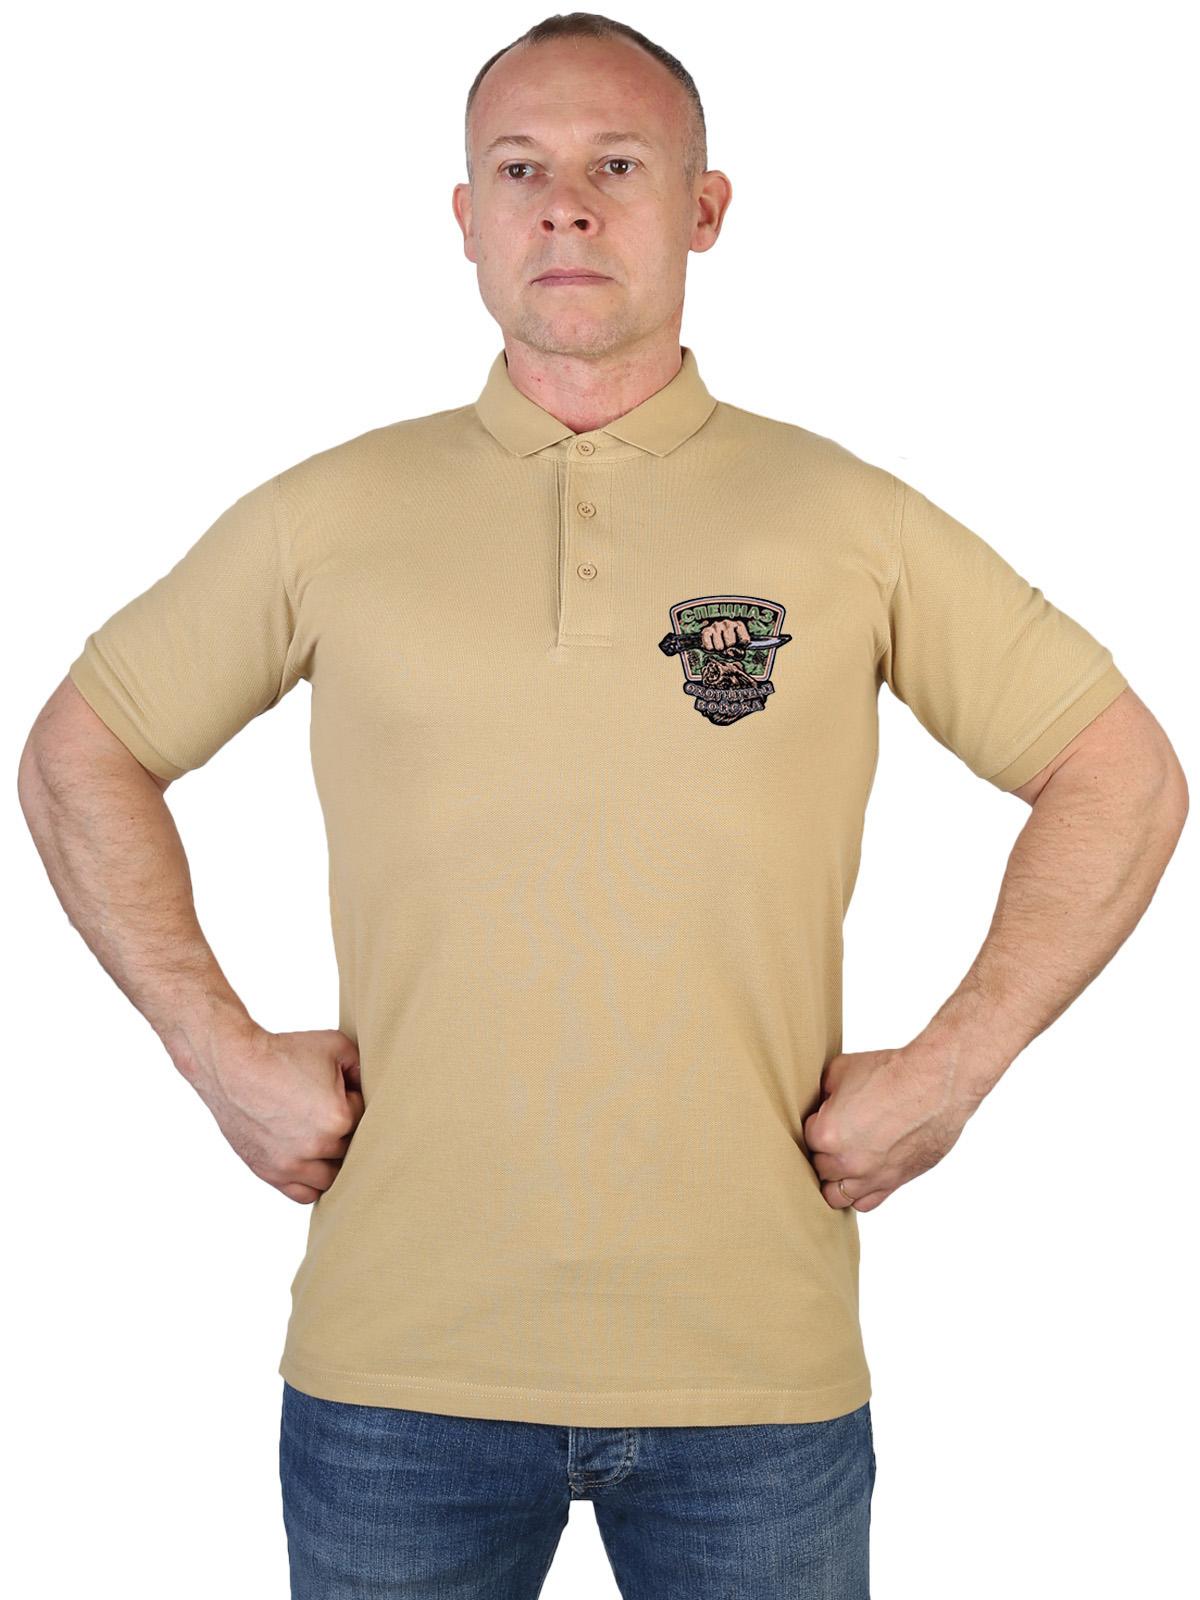 Купить мужскую оригинальную футболку-поло с вышивкой Охотничий Спецназ выгодно